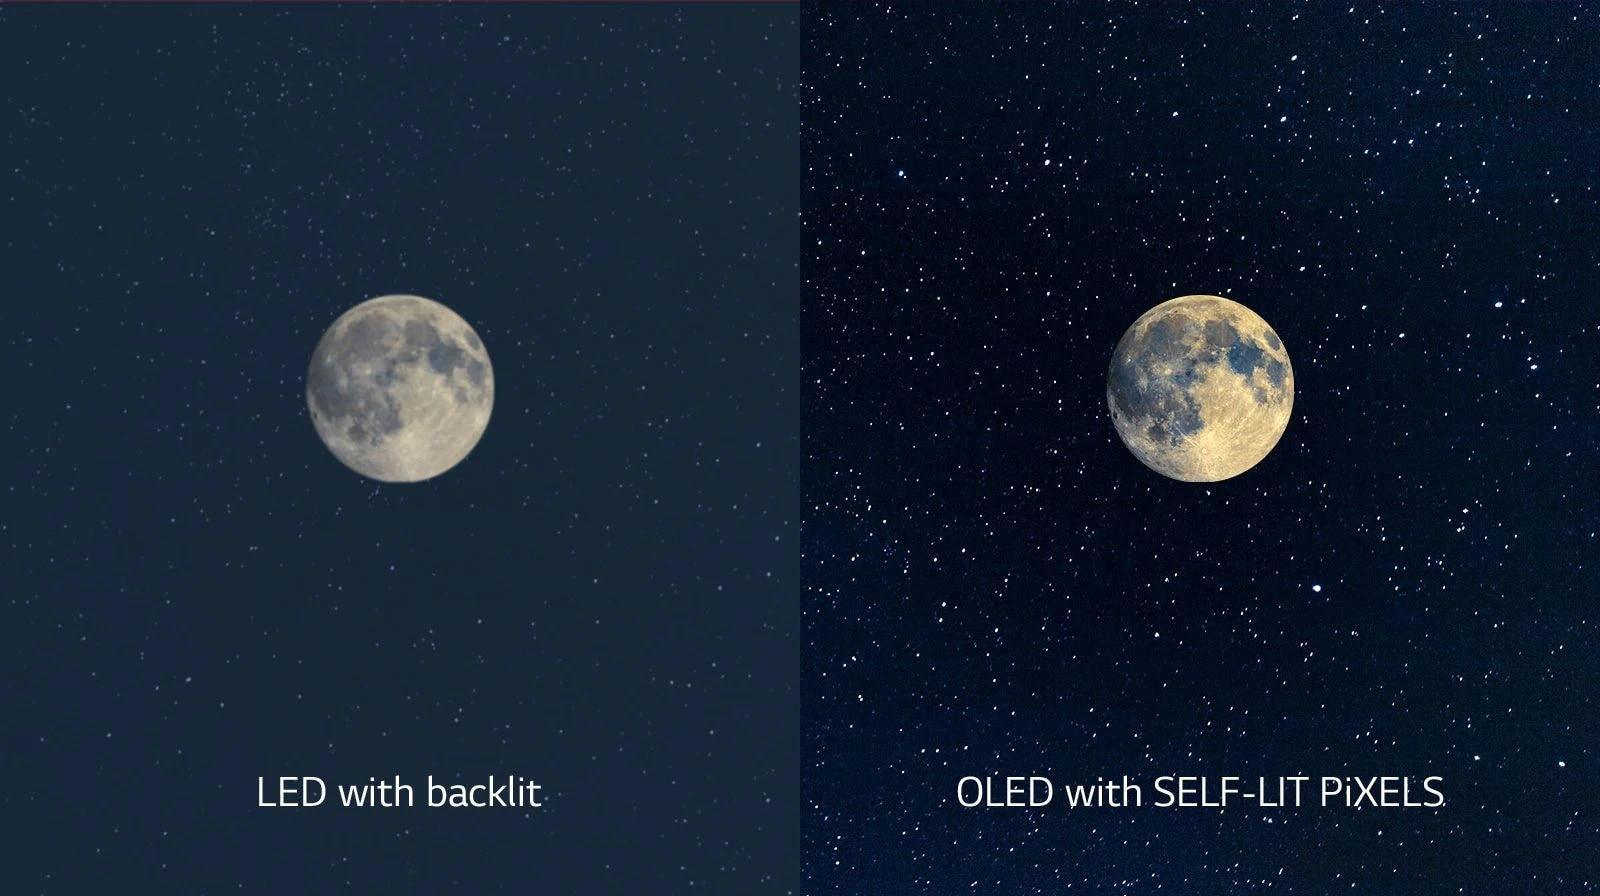 مشهد يوضح القمر، على تلفزيون LED بالجانب الأيسر مع لون أسود غير واضح وتلفزيون OLED على اليمين بلون أسود مثالي (تشغيل الفيديو)